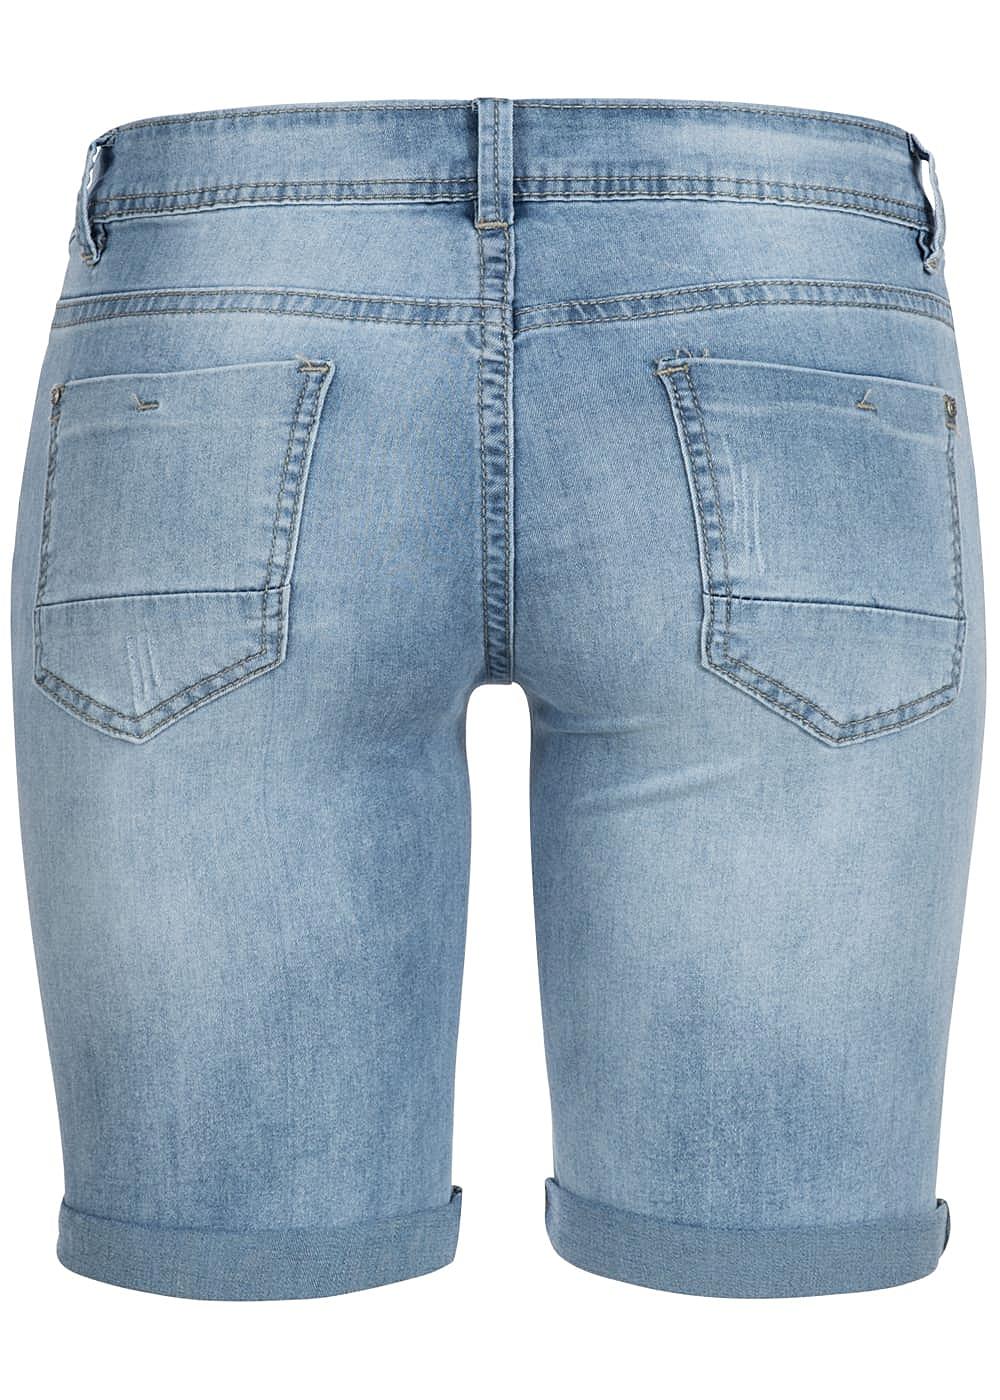 hailys damen bermuda jeans short 5 pockets hell blau 77onlineshop. Black Bedroom Furniture Sets. Home Design Ideas